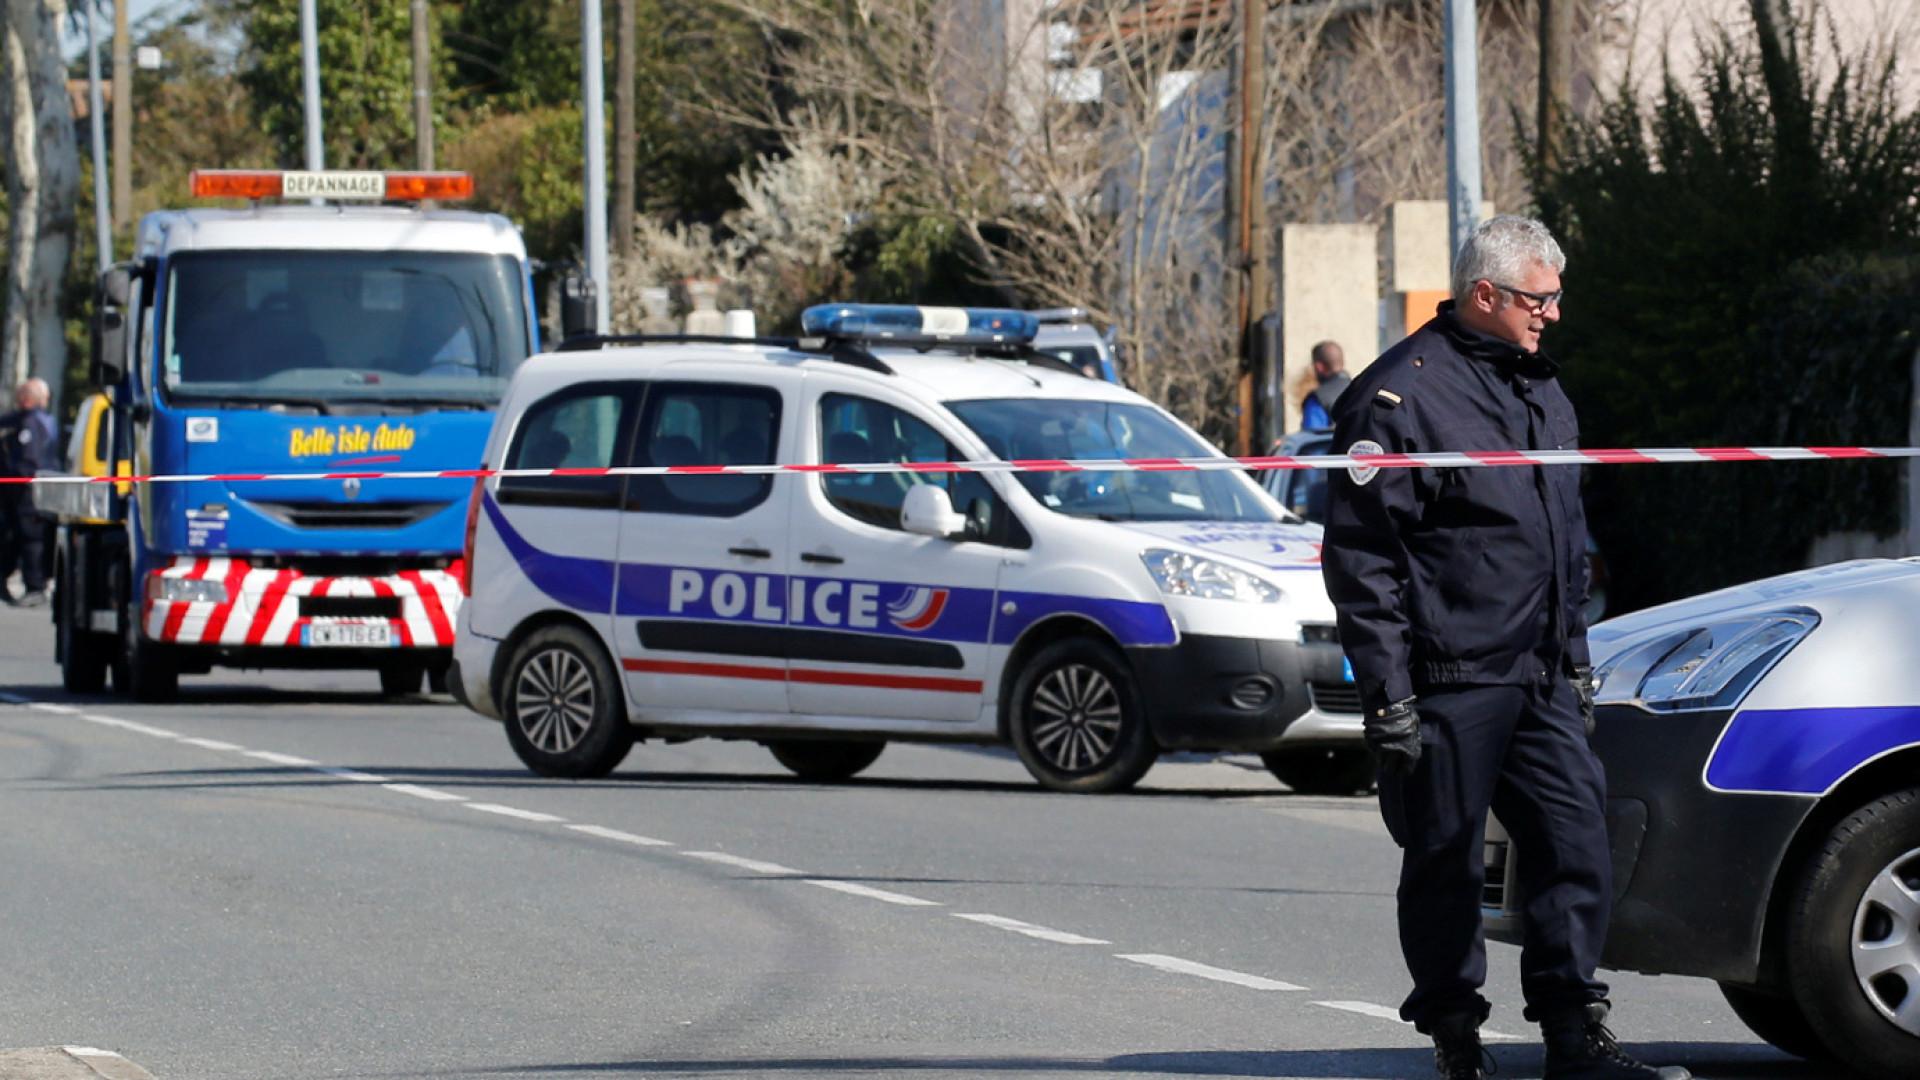 Sequestro num supermercado em França faz vários mortos. Português ferido